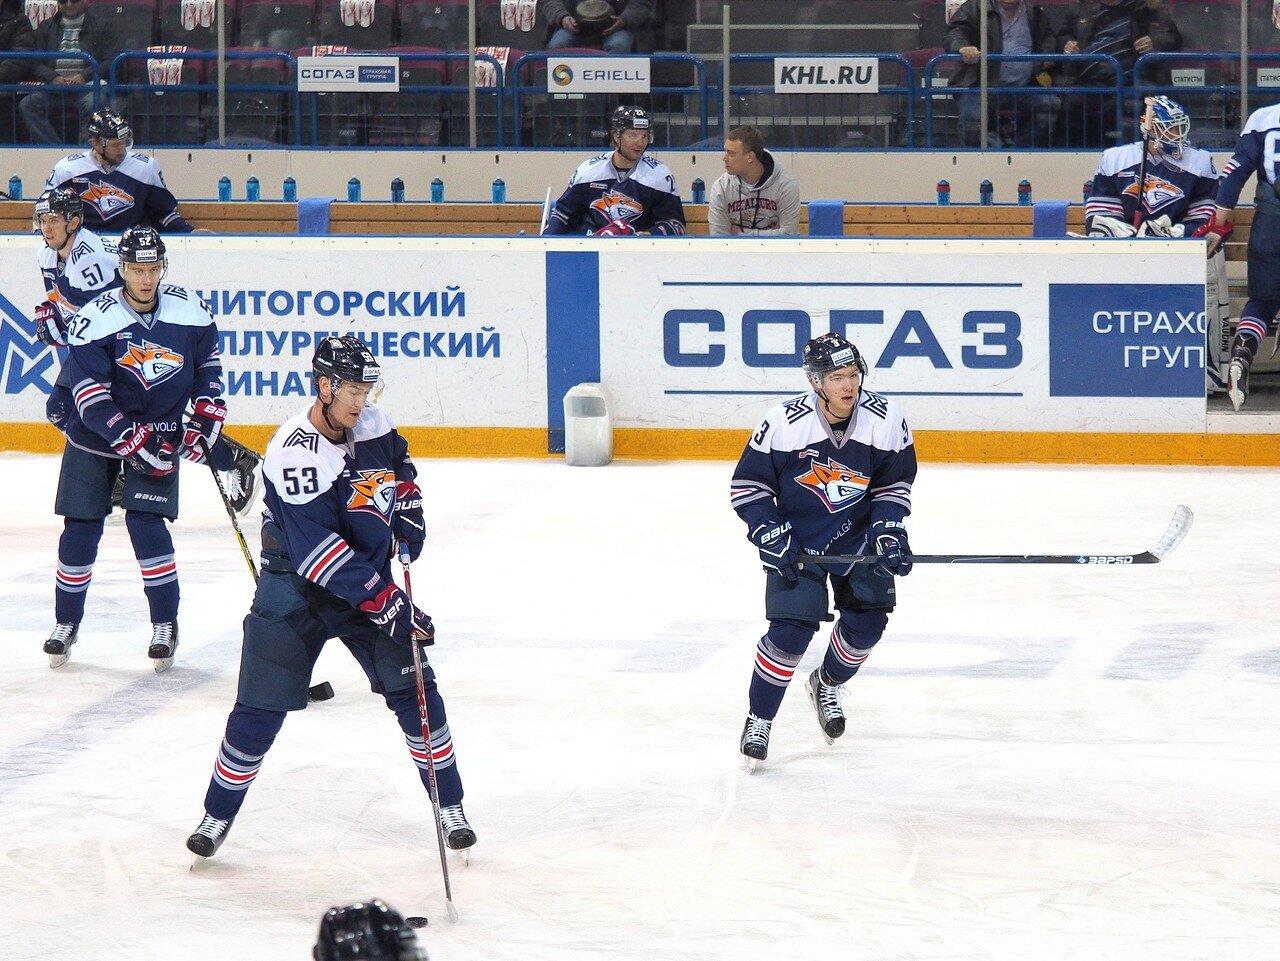 52Металлург - Динамо Москва 21.11.2016